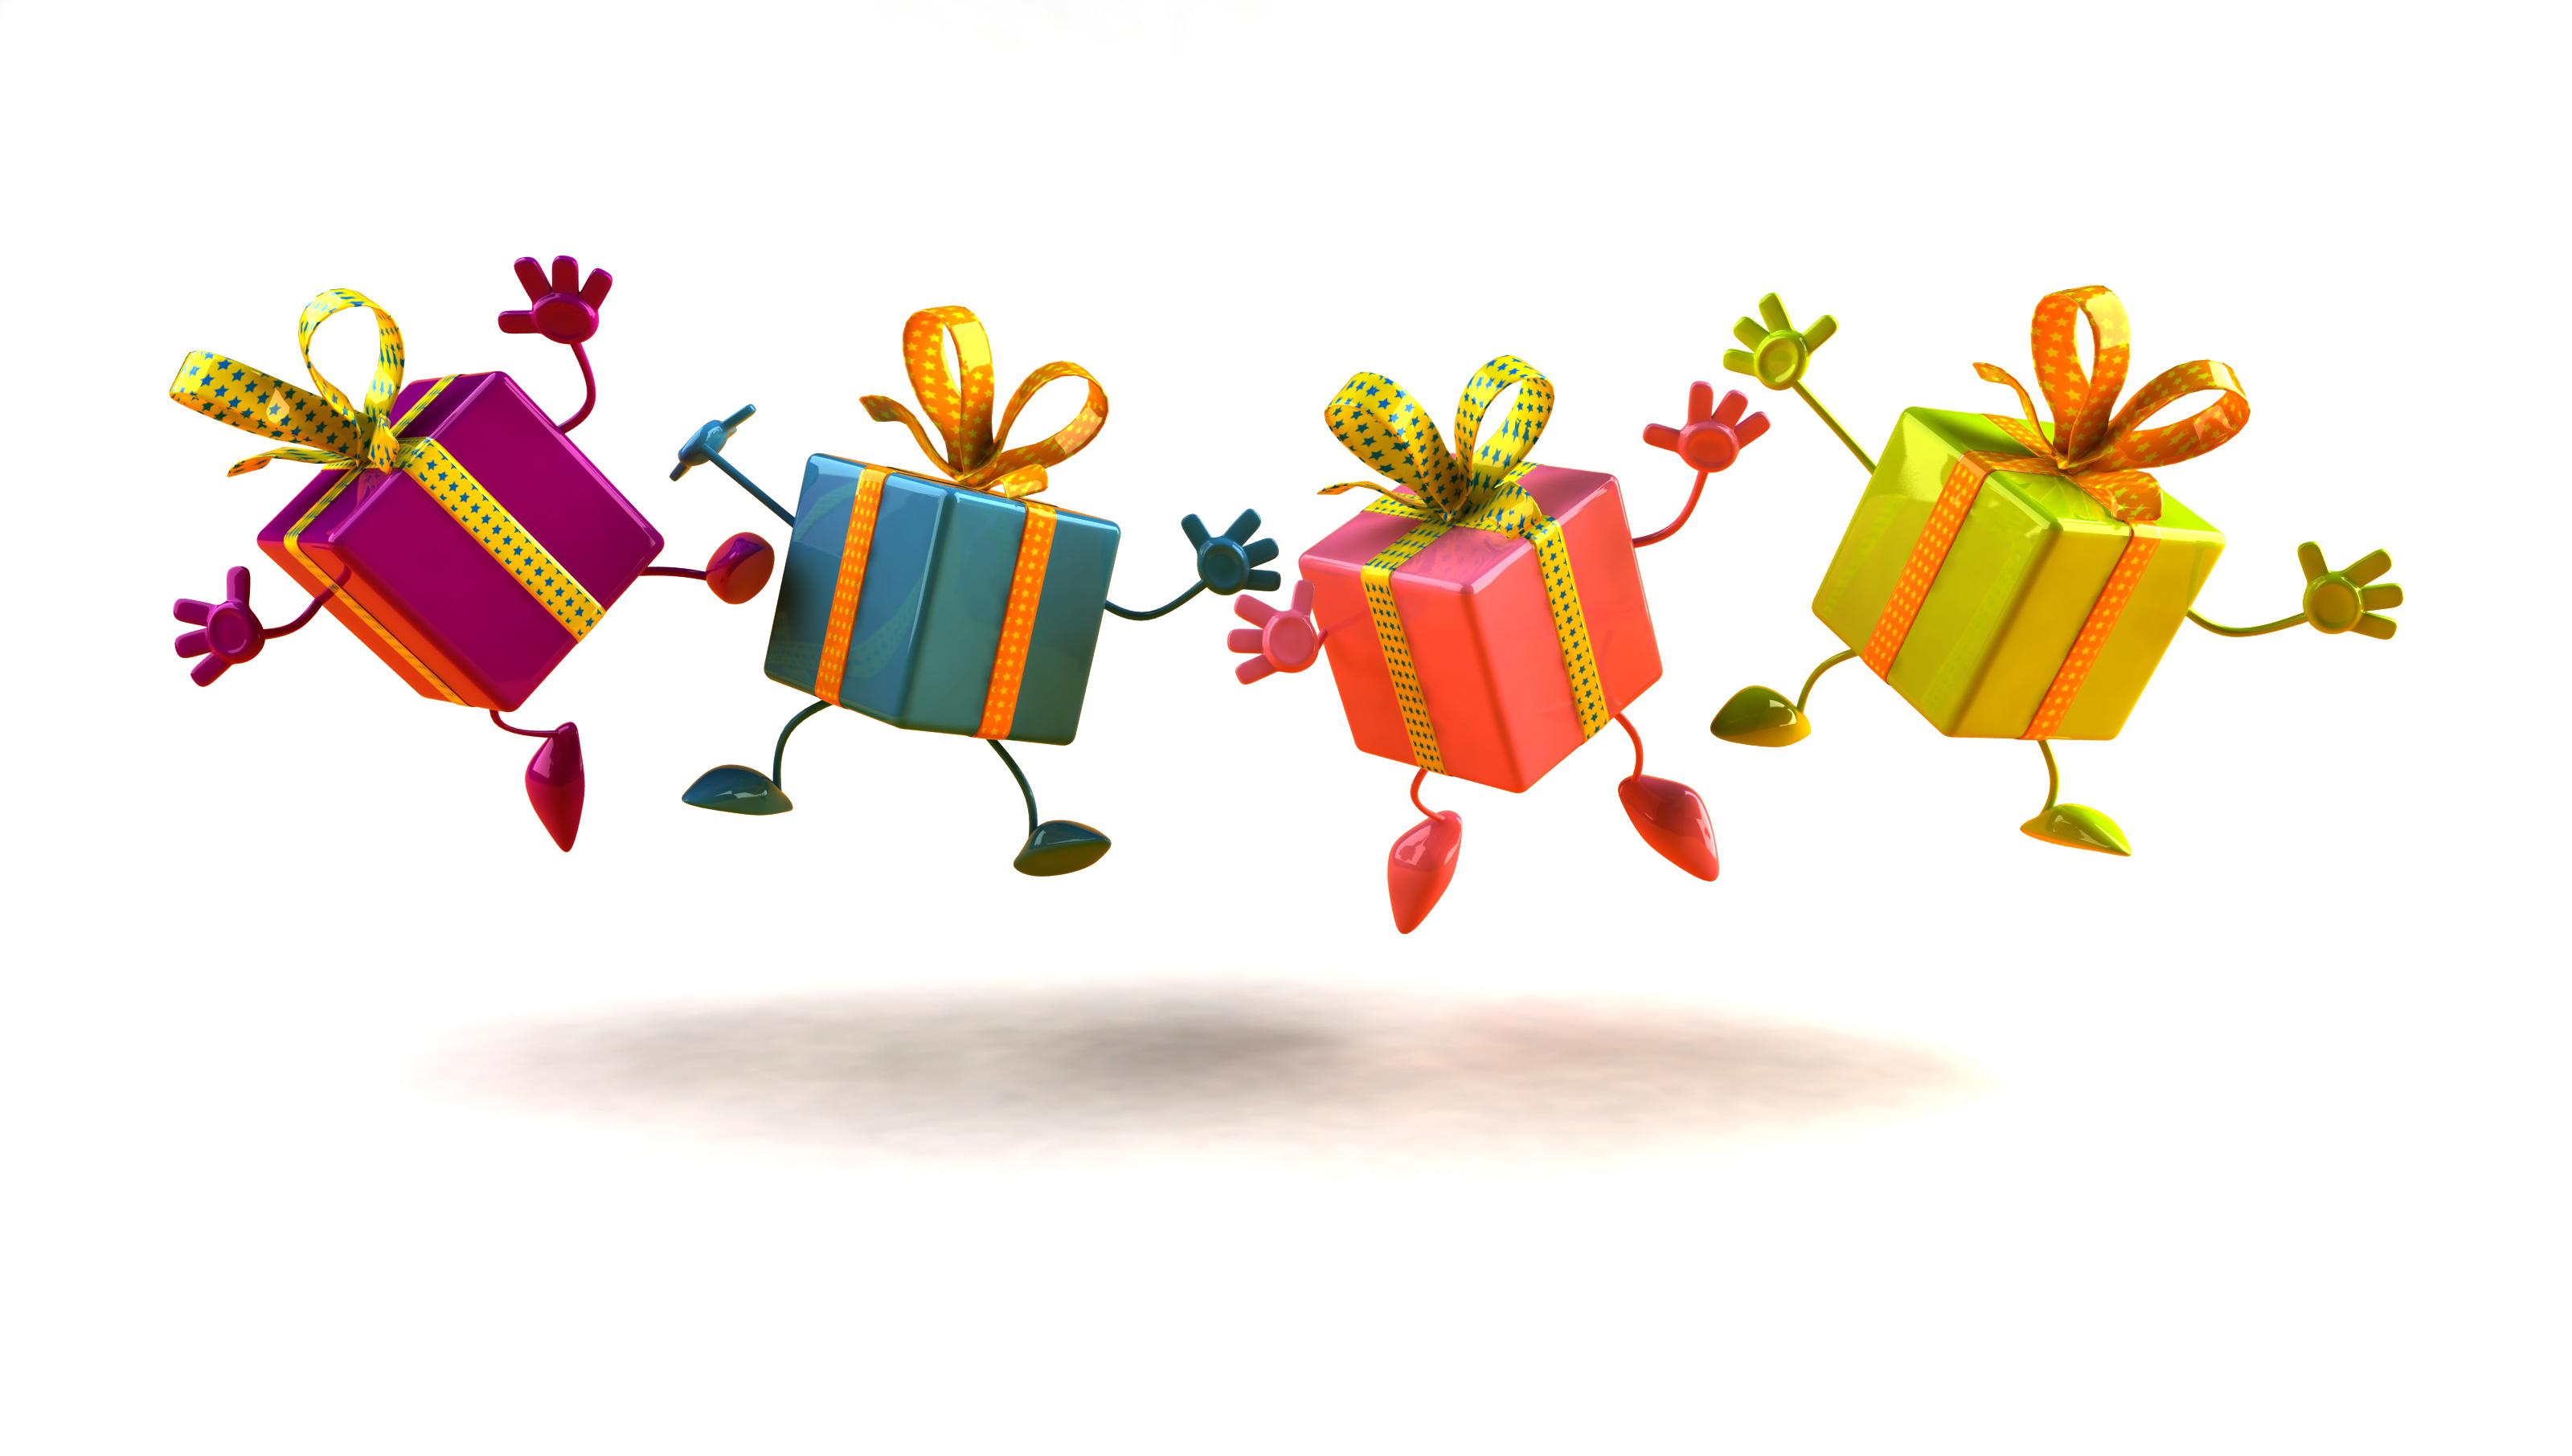 Faîtes le plein de cadeaux cet été!